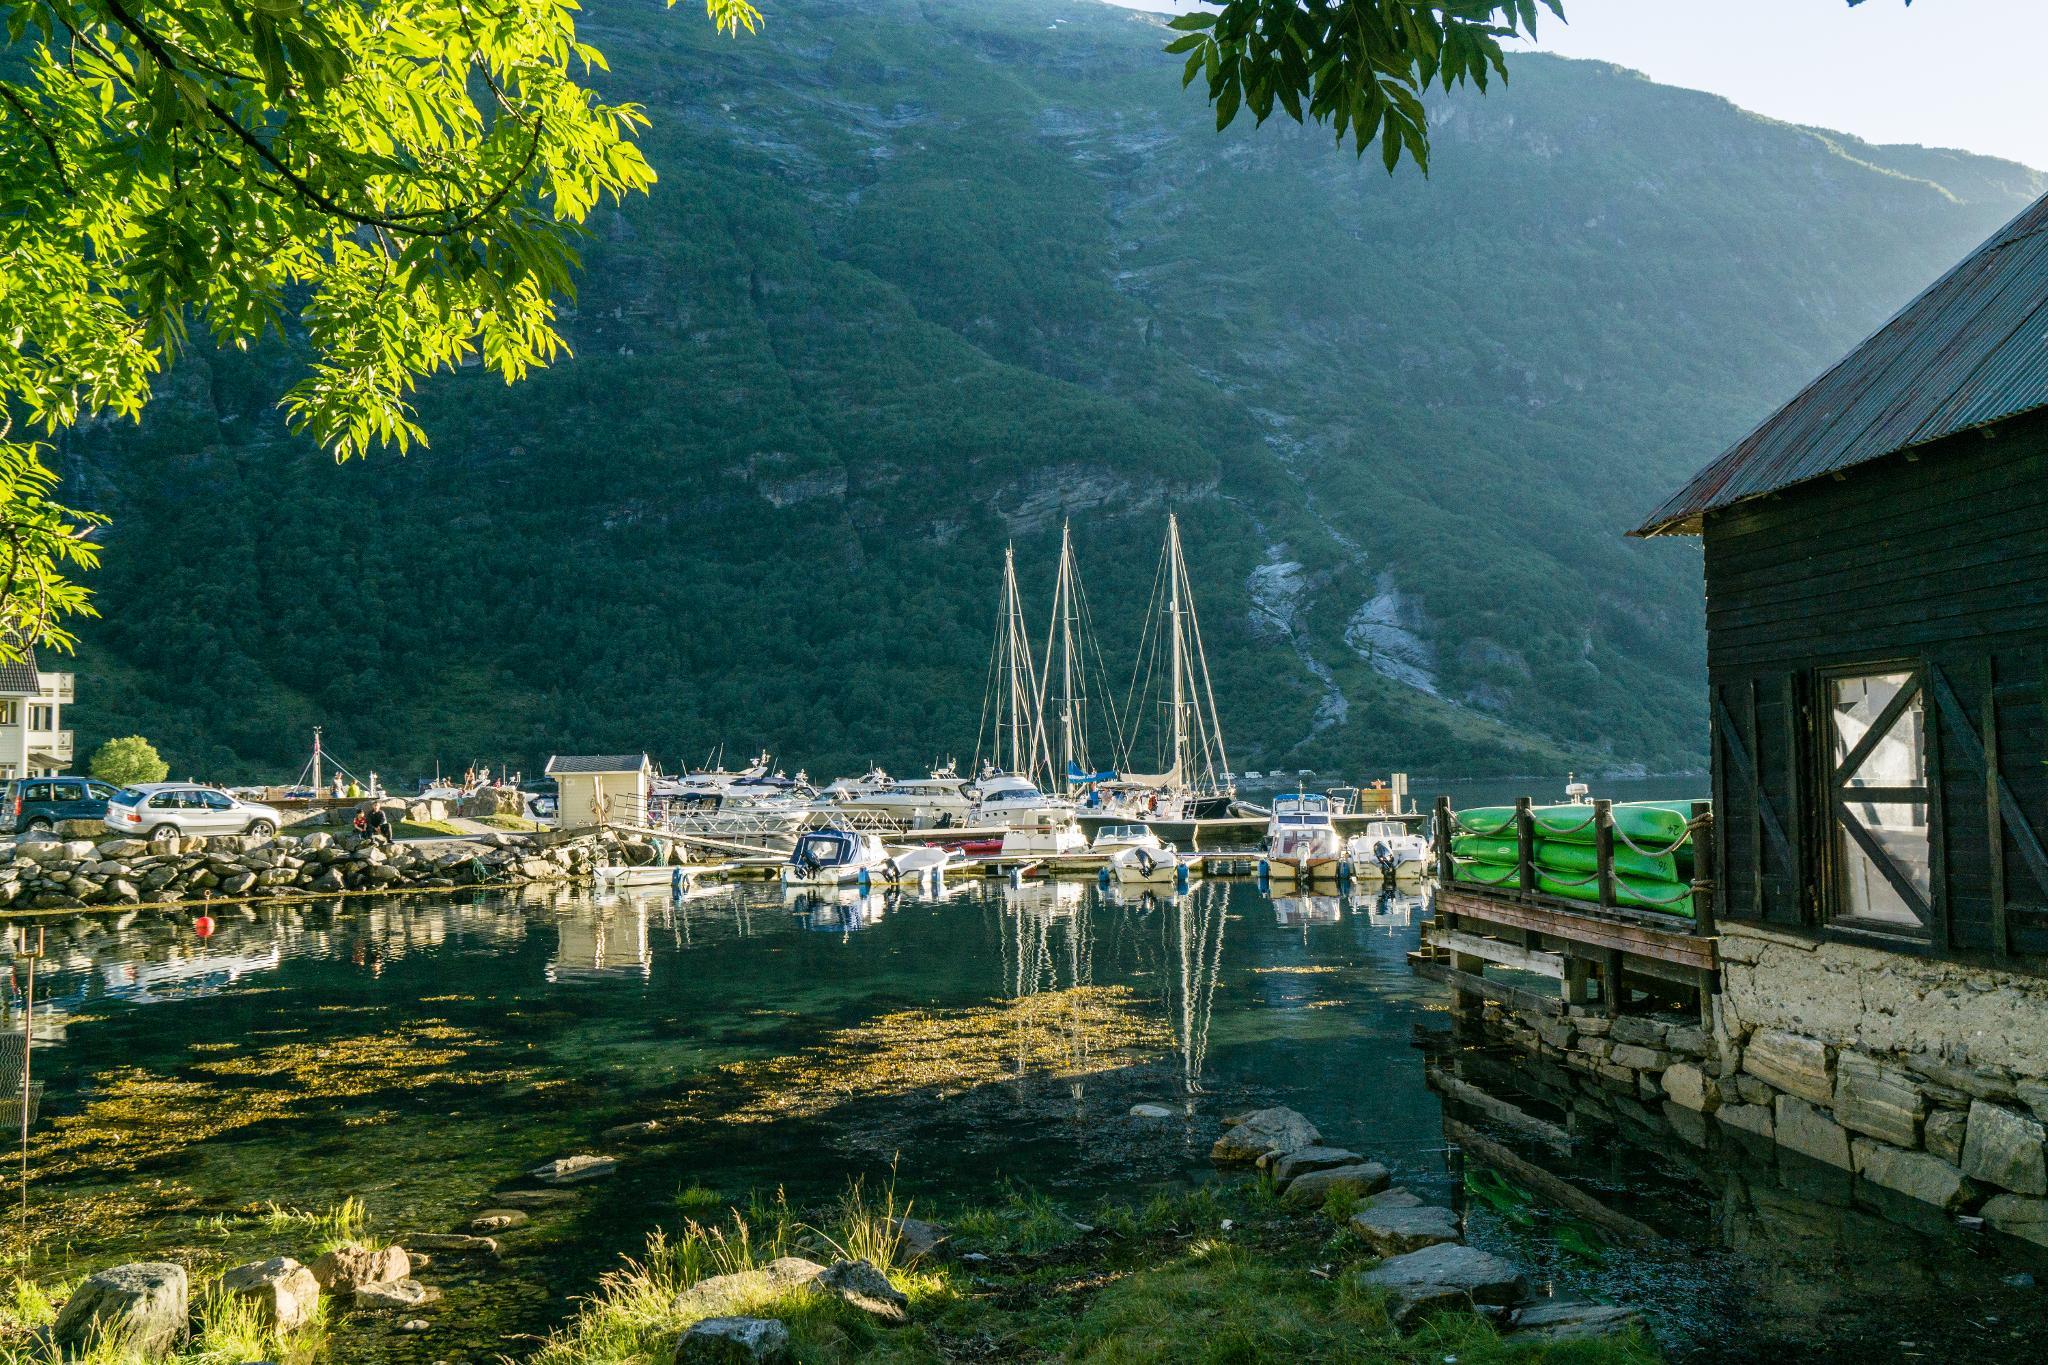 【北歐景點】Ørnesvingen 老鷹之路 ∣ 挪威世界遺產 — 蓋倫格峽灣景點總整理 25